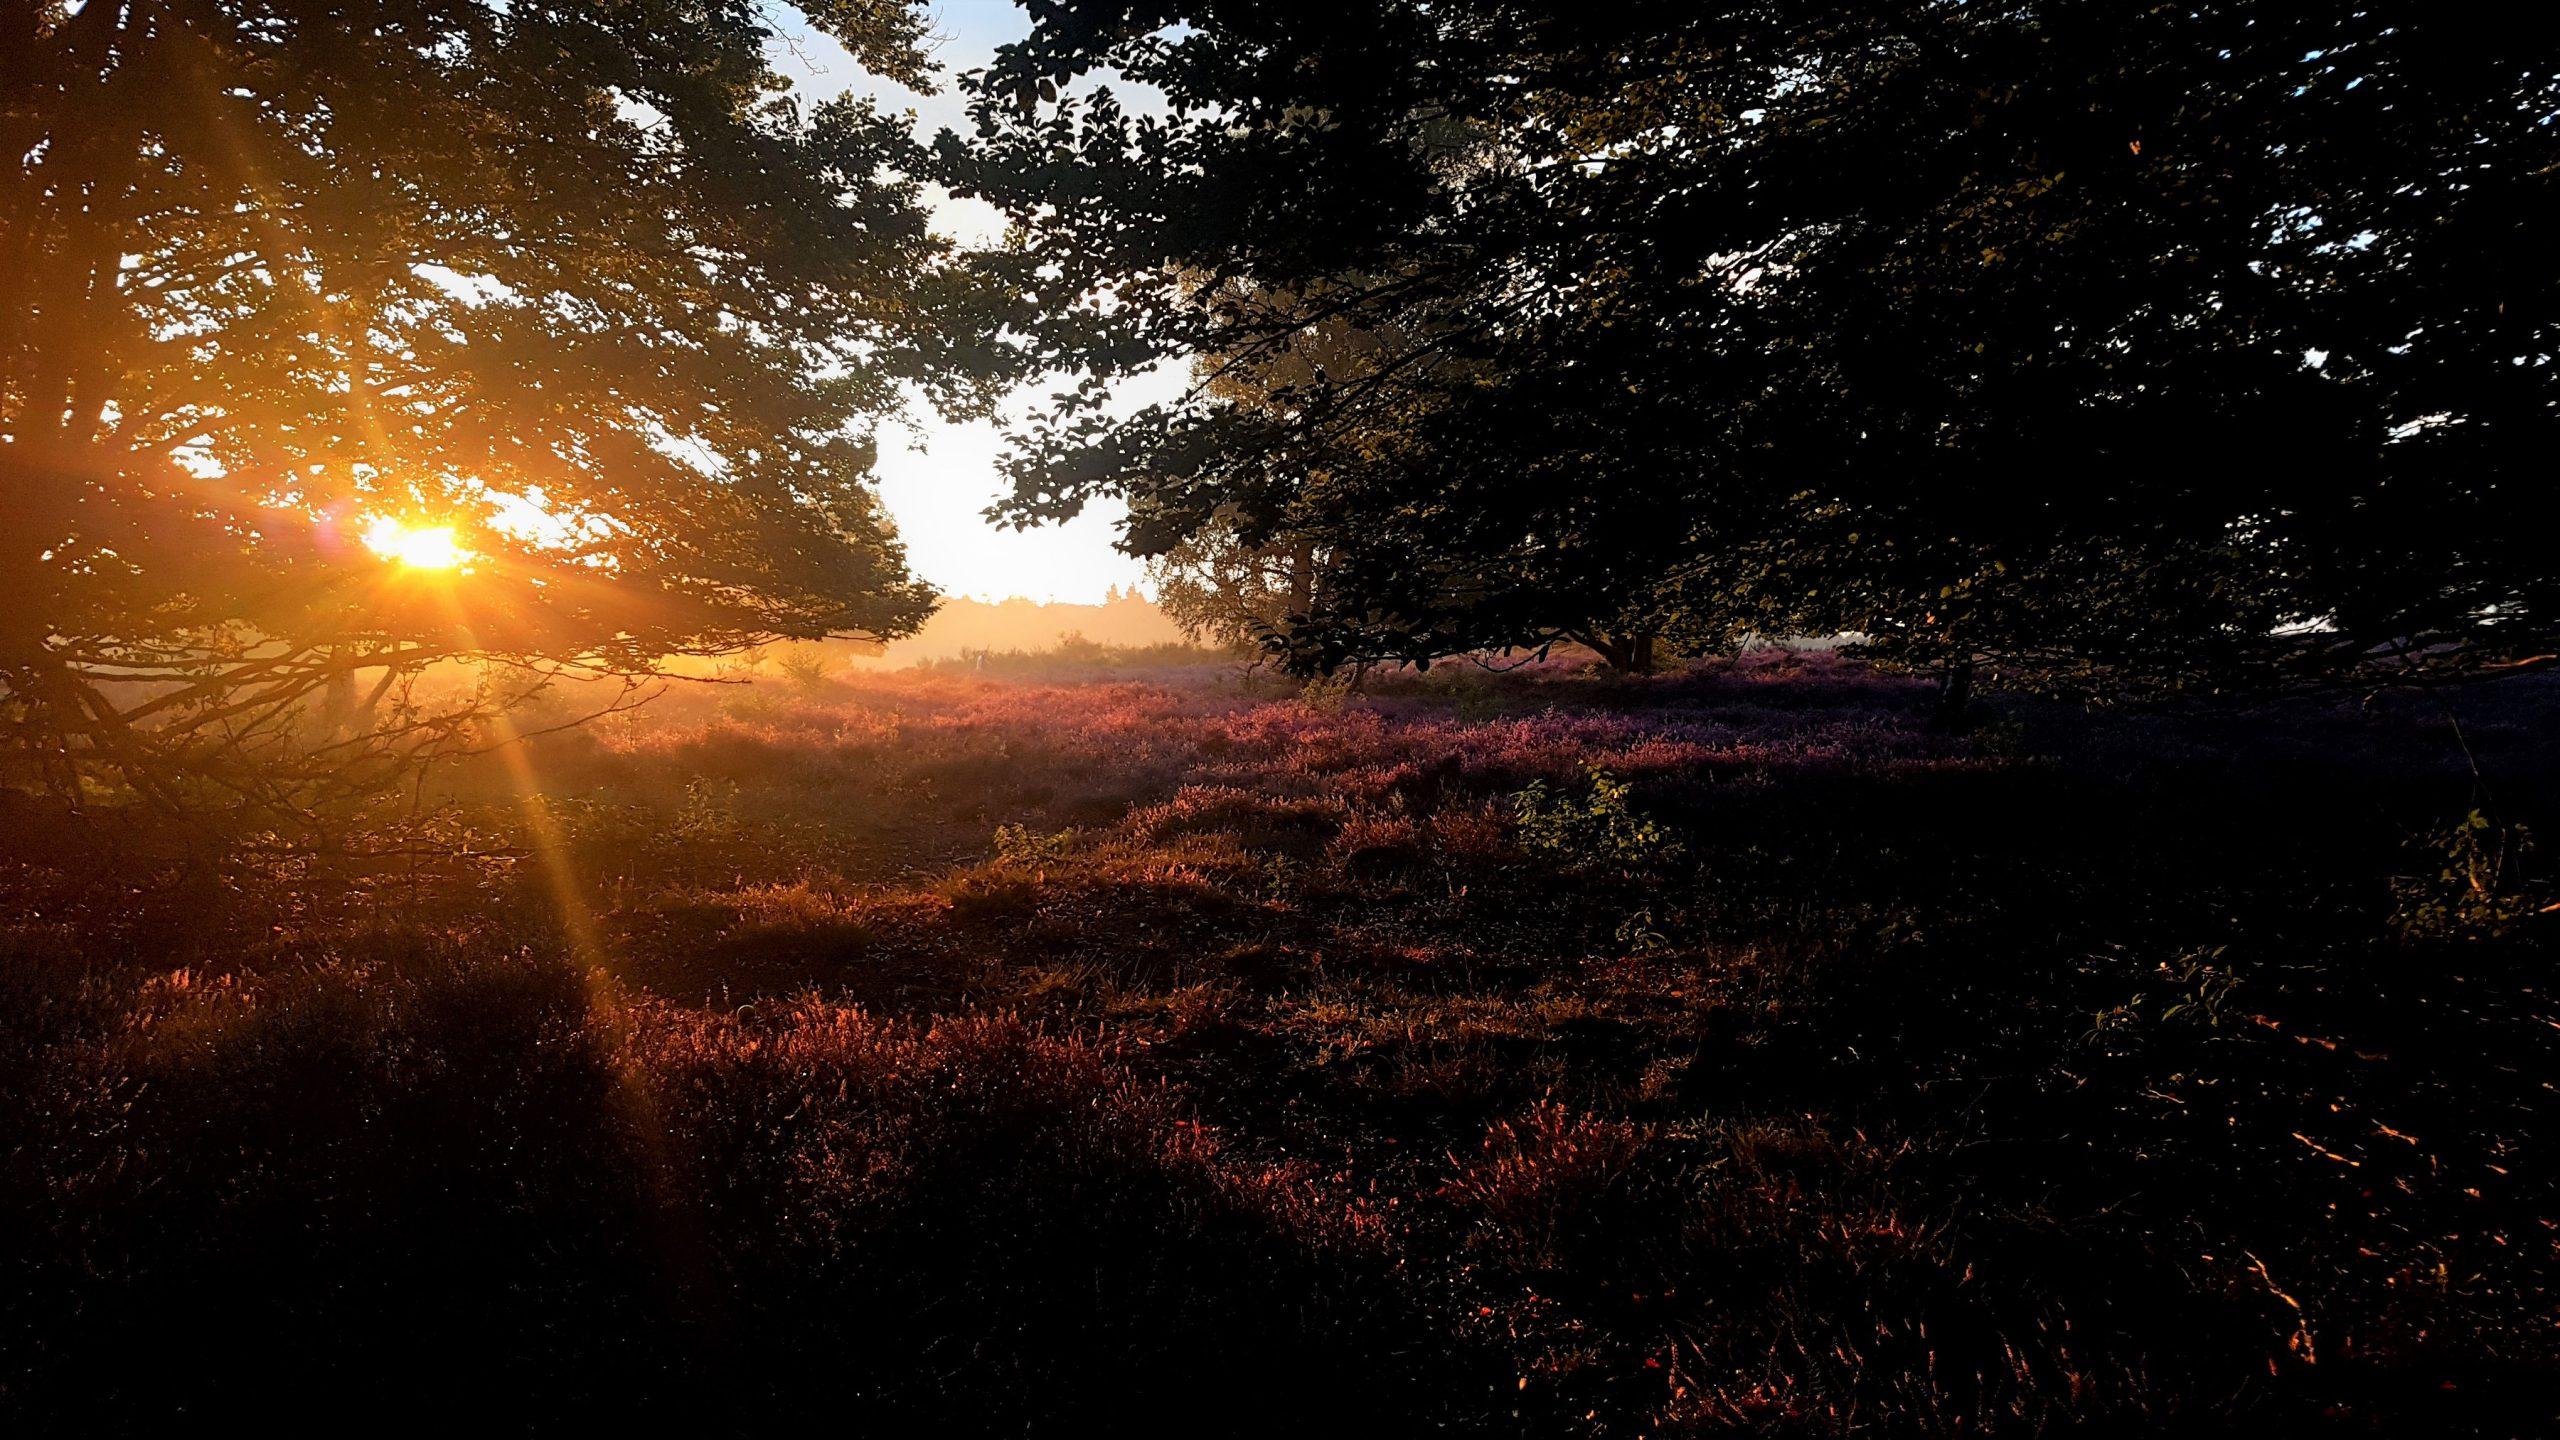 silent sunday, de hoorneboeg, stilte, innerlijke rust